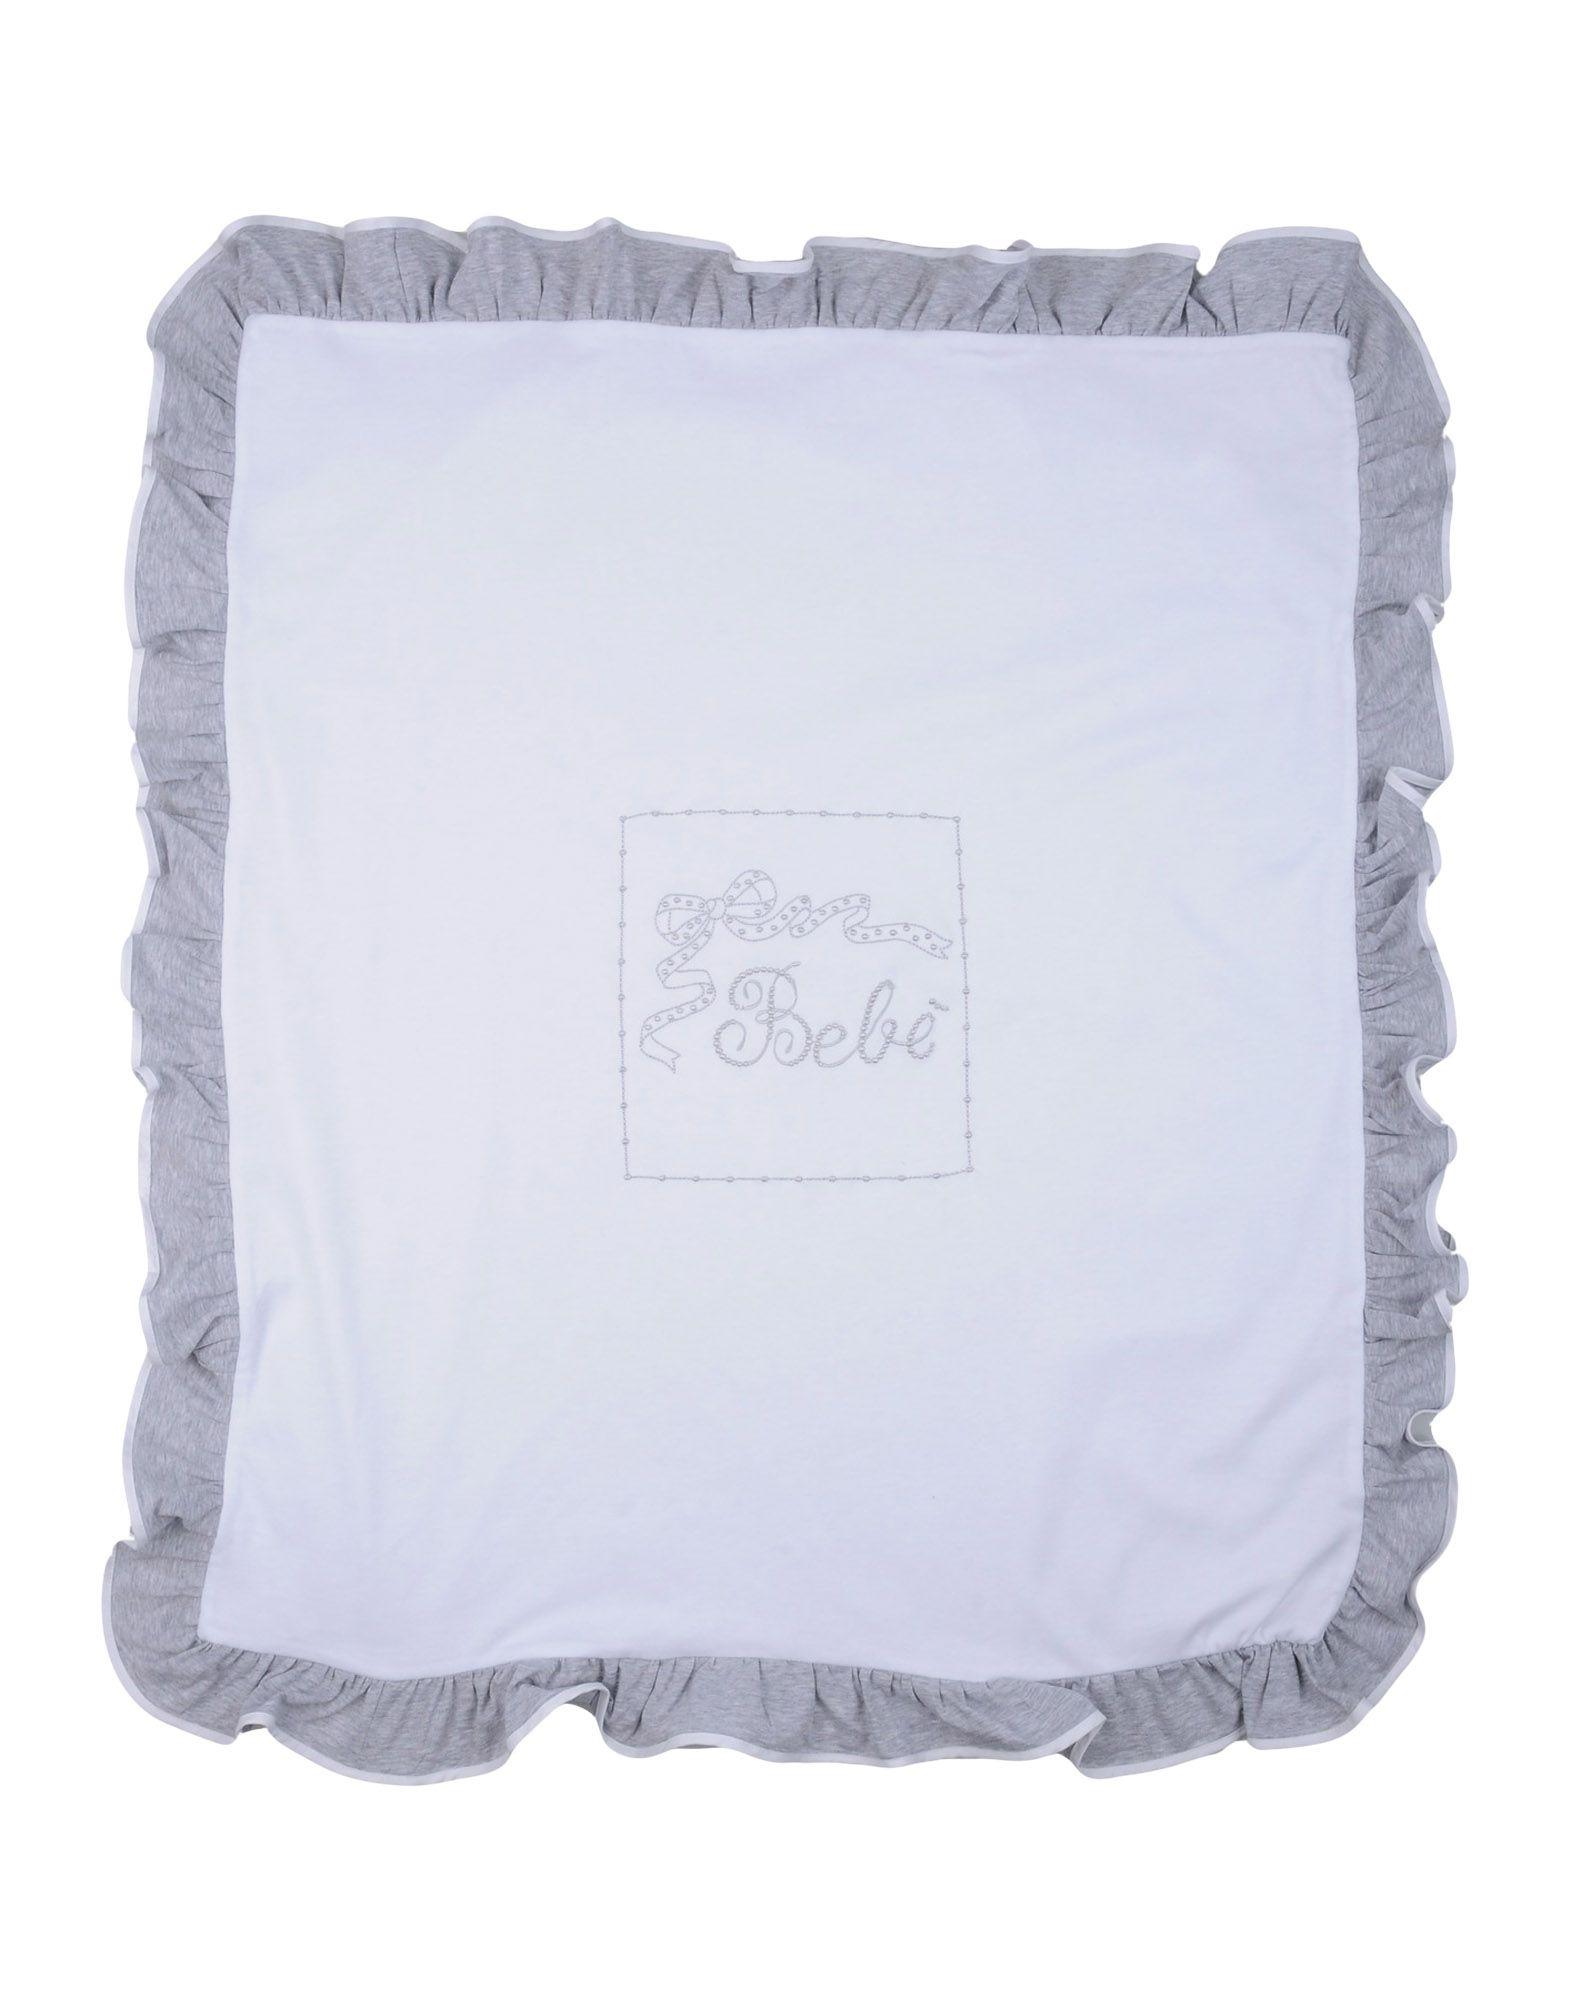 ALETTA Mädchen 3-8 jahre Wolldecke Farbe Weiß Größe 1